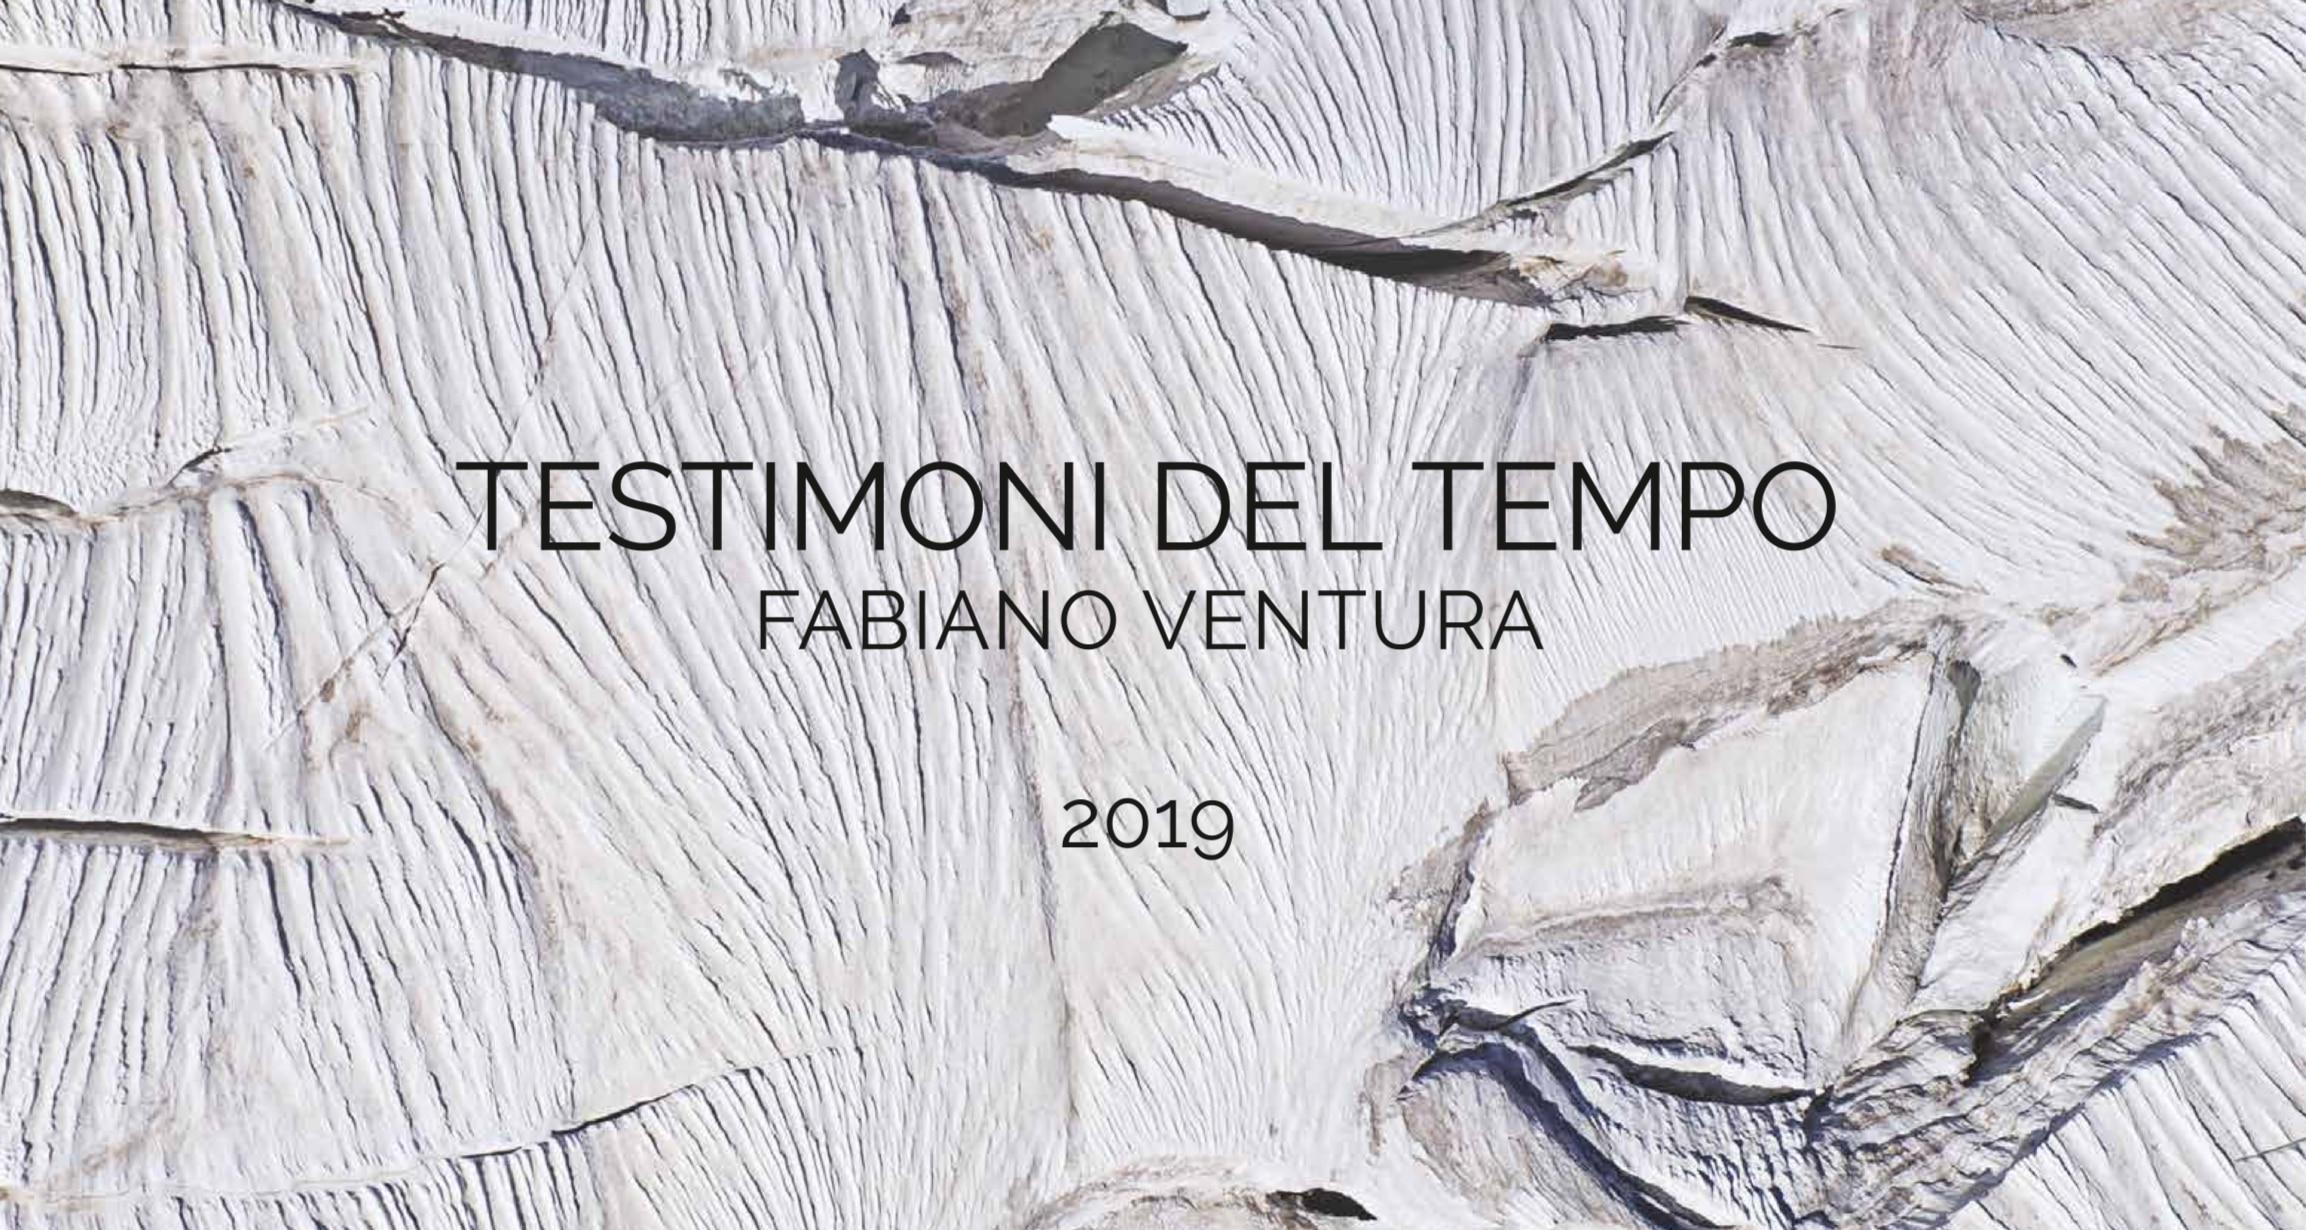 Fabiano Ventura, Epson, calendario 2019, fotografia, ghiacciai, cambiamento climatico